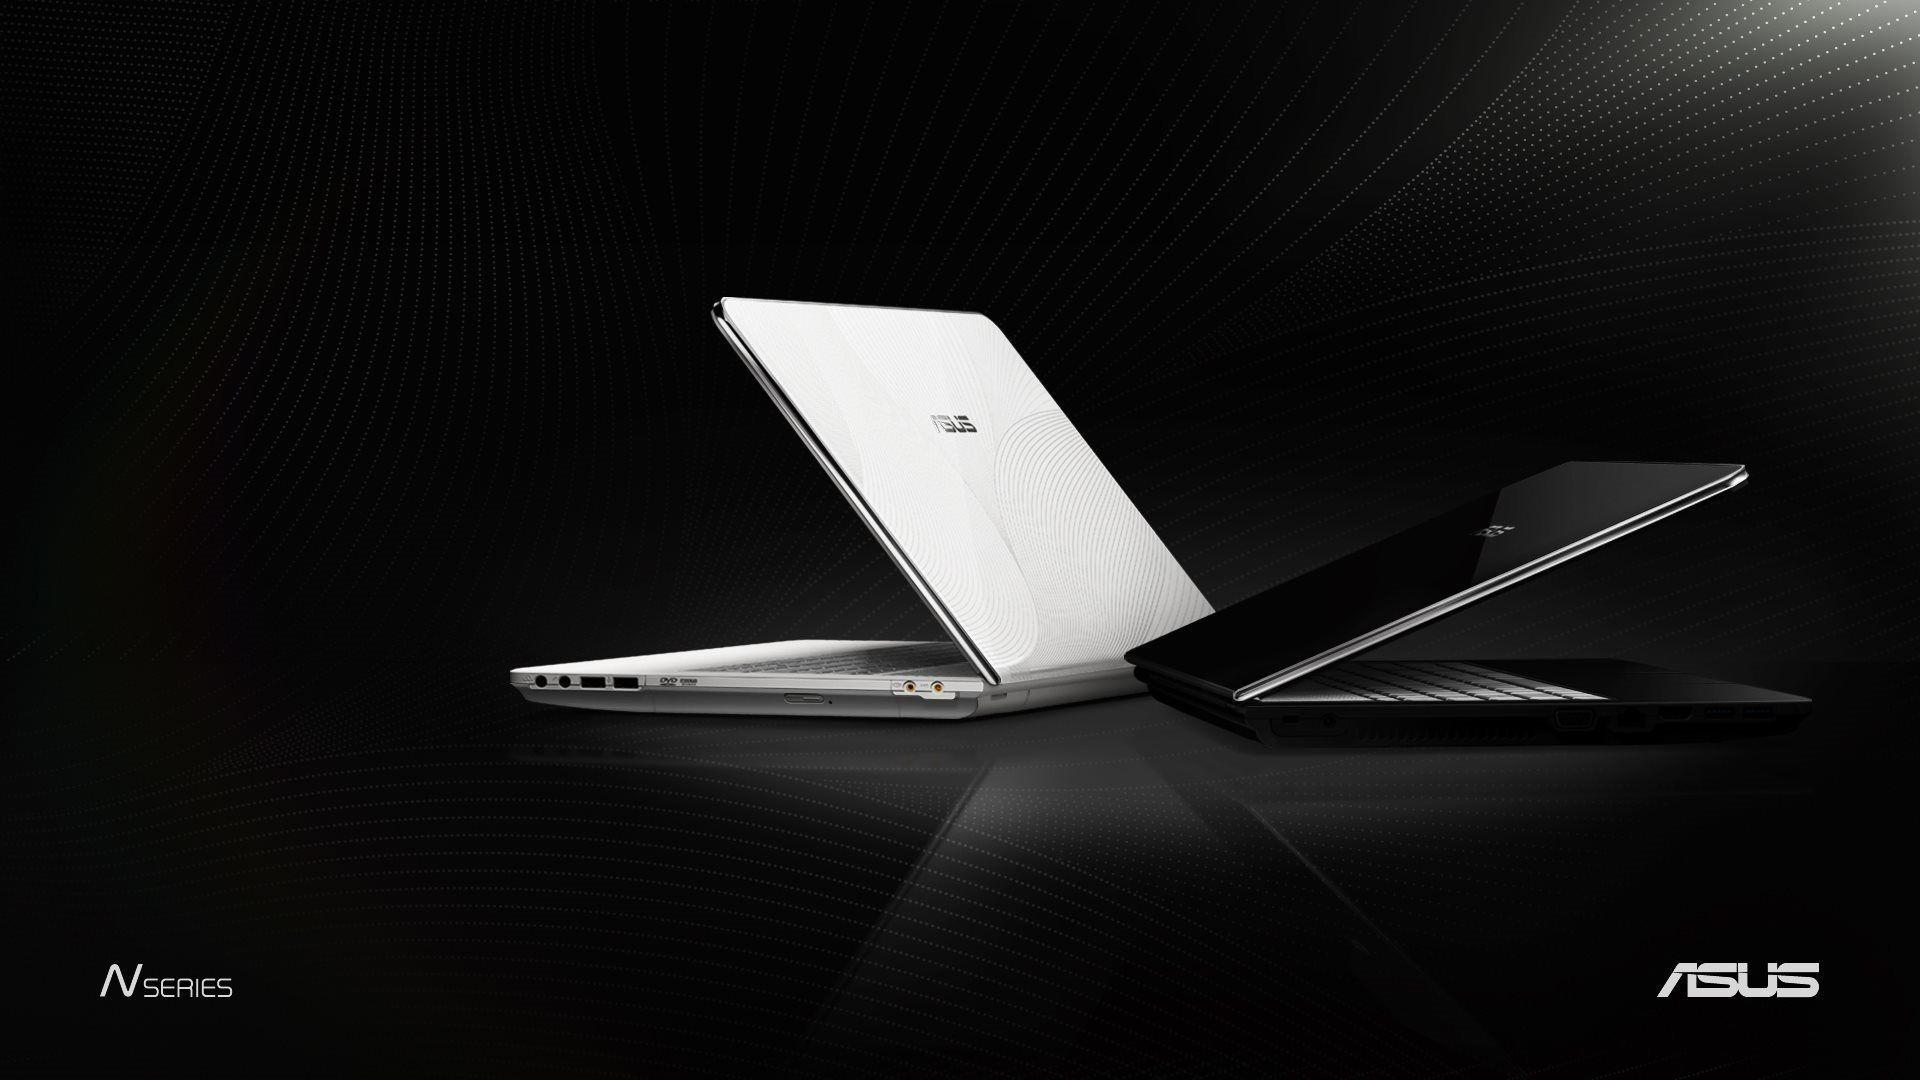 Asus Laptop Wallpaper: Free Wallpapers